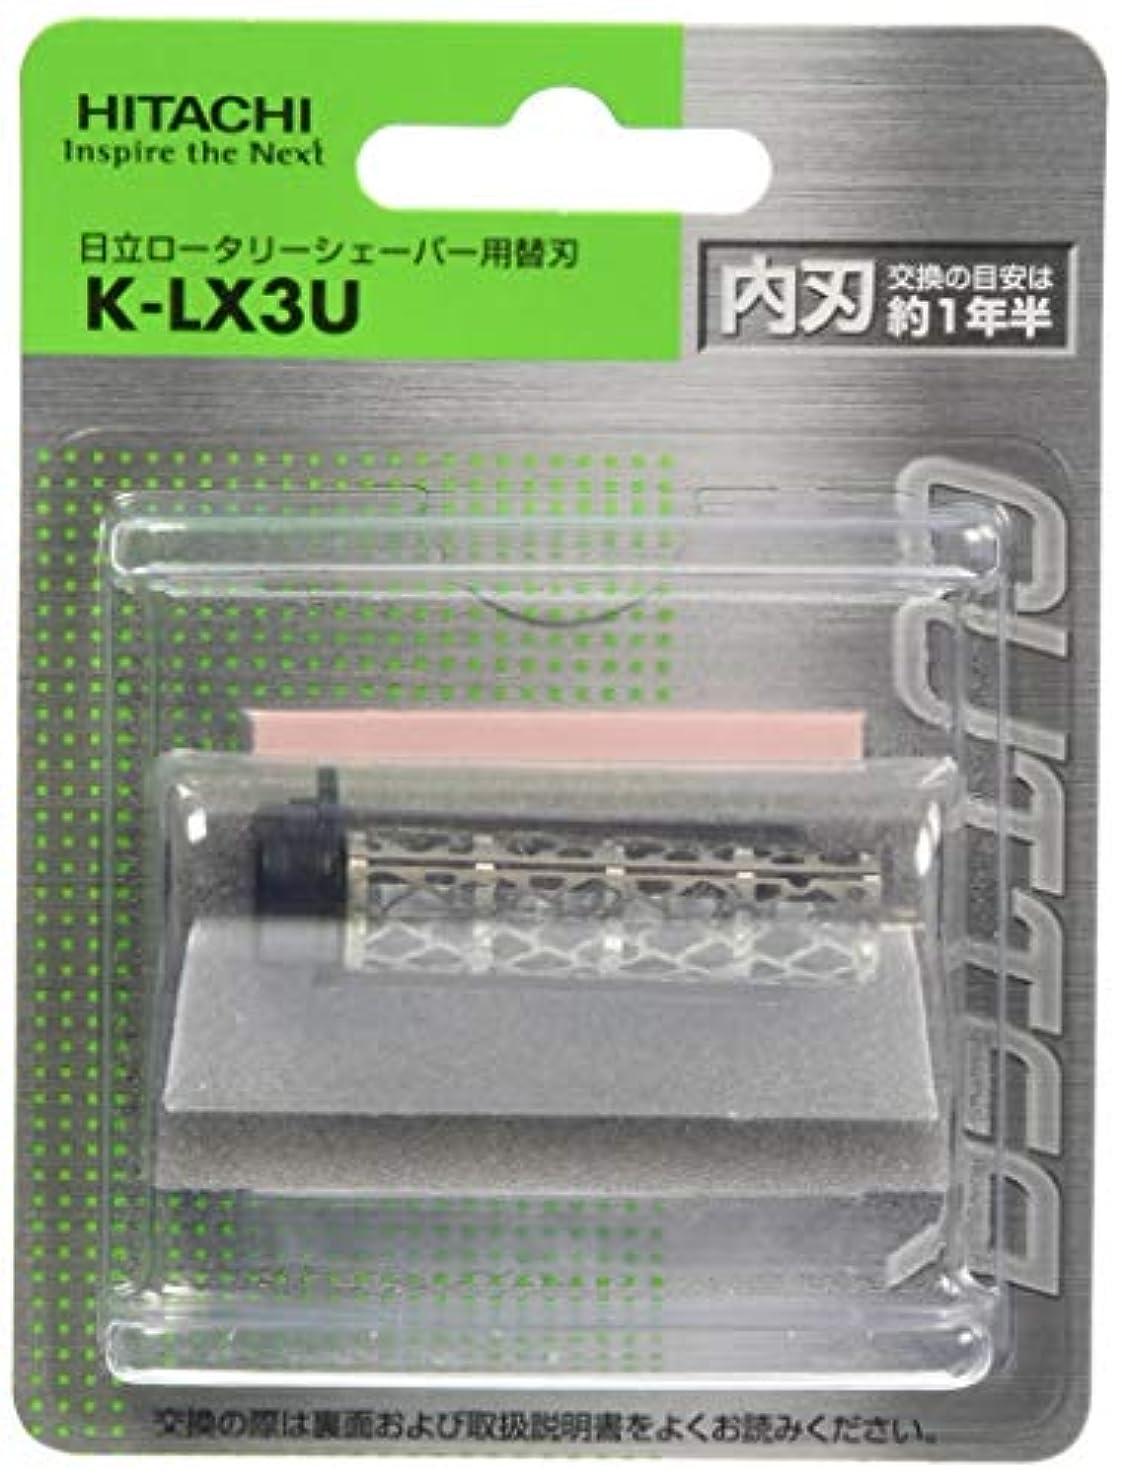 試す協会高度な日立 シェーバー用替刃(内刃) K-LX3U